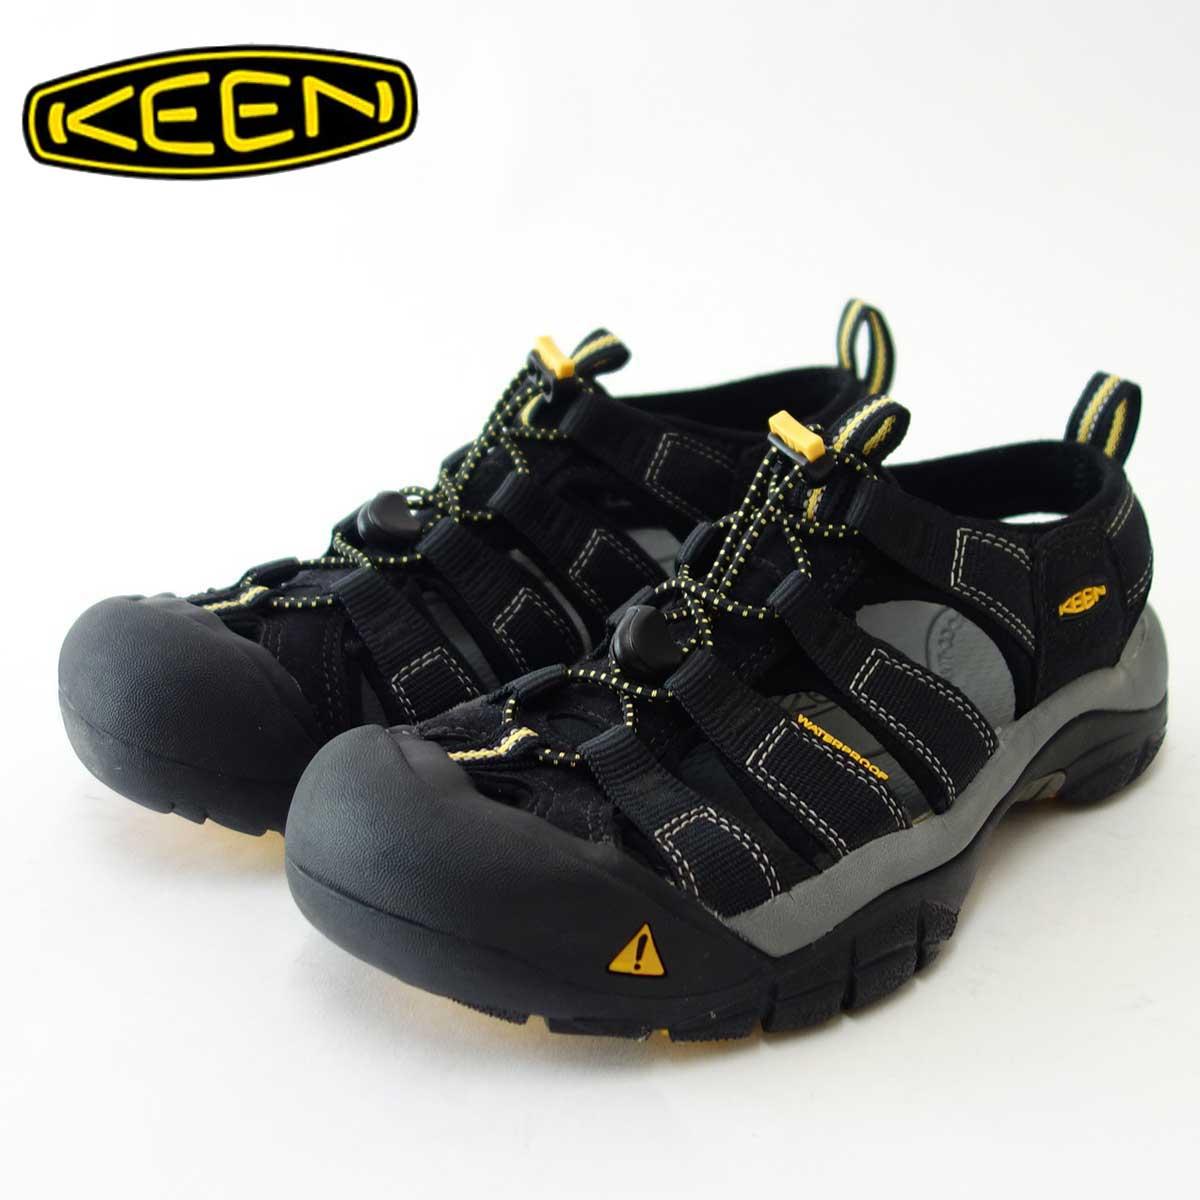 【KEEN キーン】Newport(ニューポート) H2 1001907(メンズ)キーン独自のハイブリッドサンダル カラー:Black(ブラック)【999】